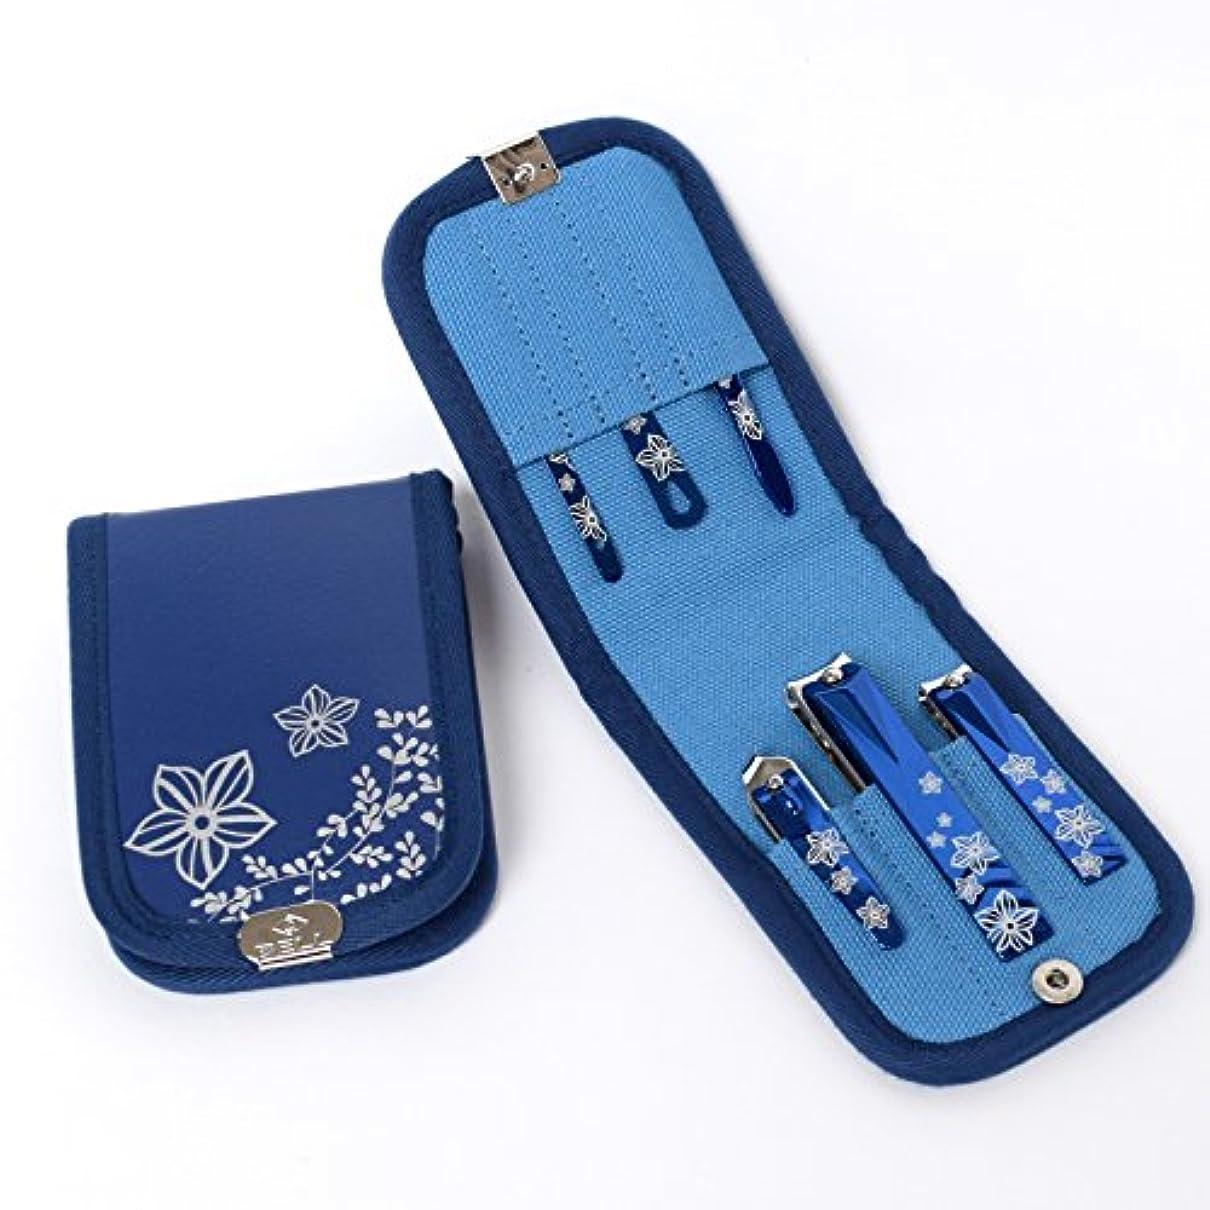 雄弁な日付敵対的BELL Manicure Sets BM-360 ポータブル爪の管理セット 爪切りセット 高品質のネイルケアセット高級感のある東洋画のデザイン Portable Nail Clippers Nail Care Set